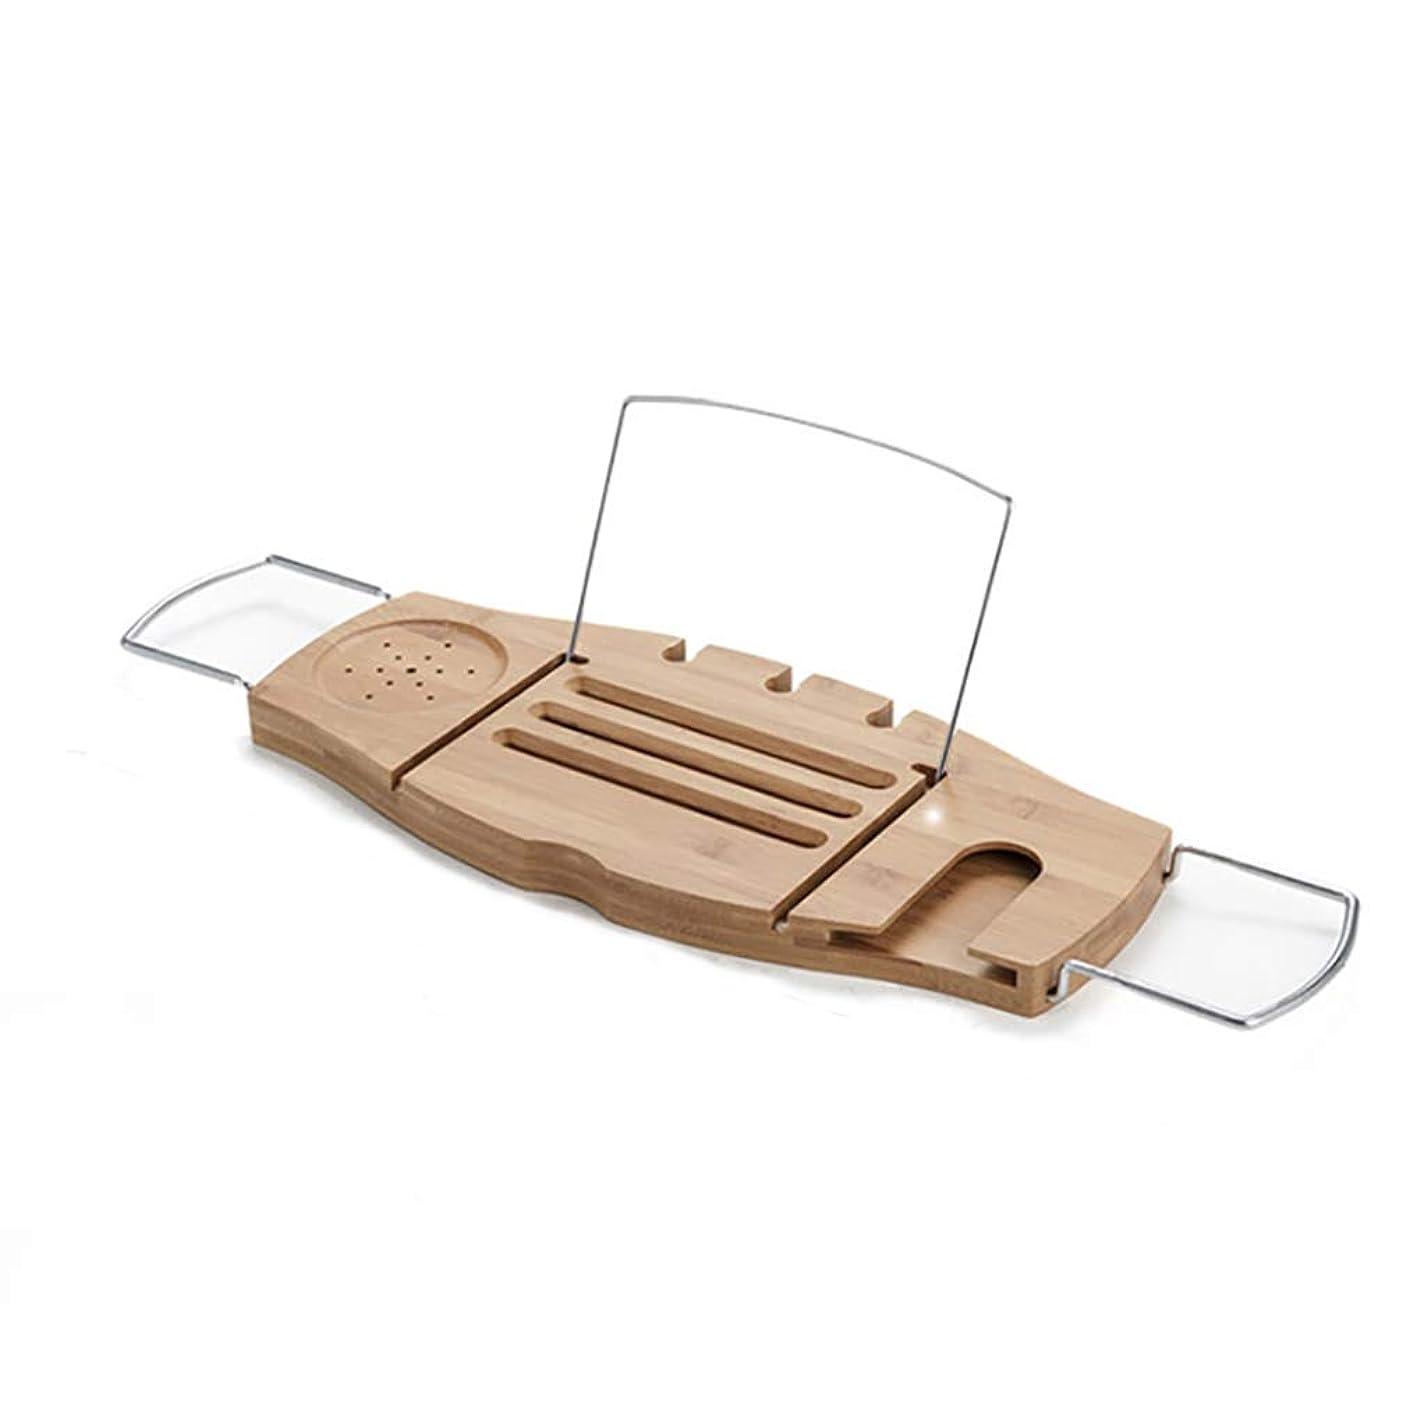 レビュー交響曲木浴室用ラック バスタブスタンド調節可能な多機能竹風呂電話ホルダー棚の長さ70?103センチ 調節可能なワインラック本棚ブラケット